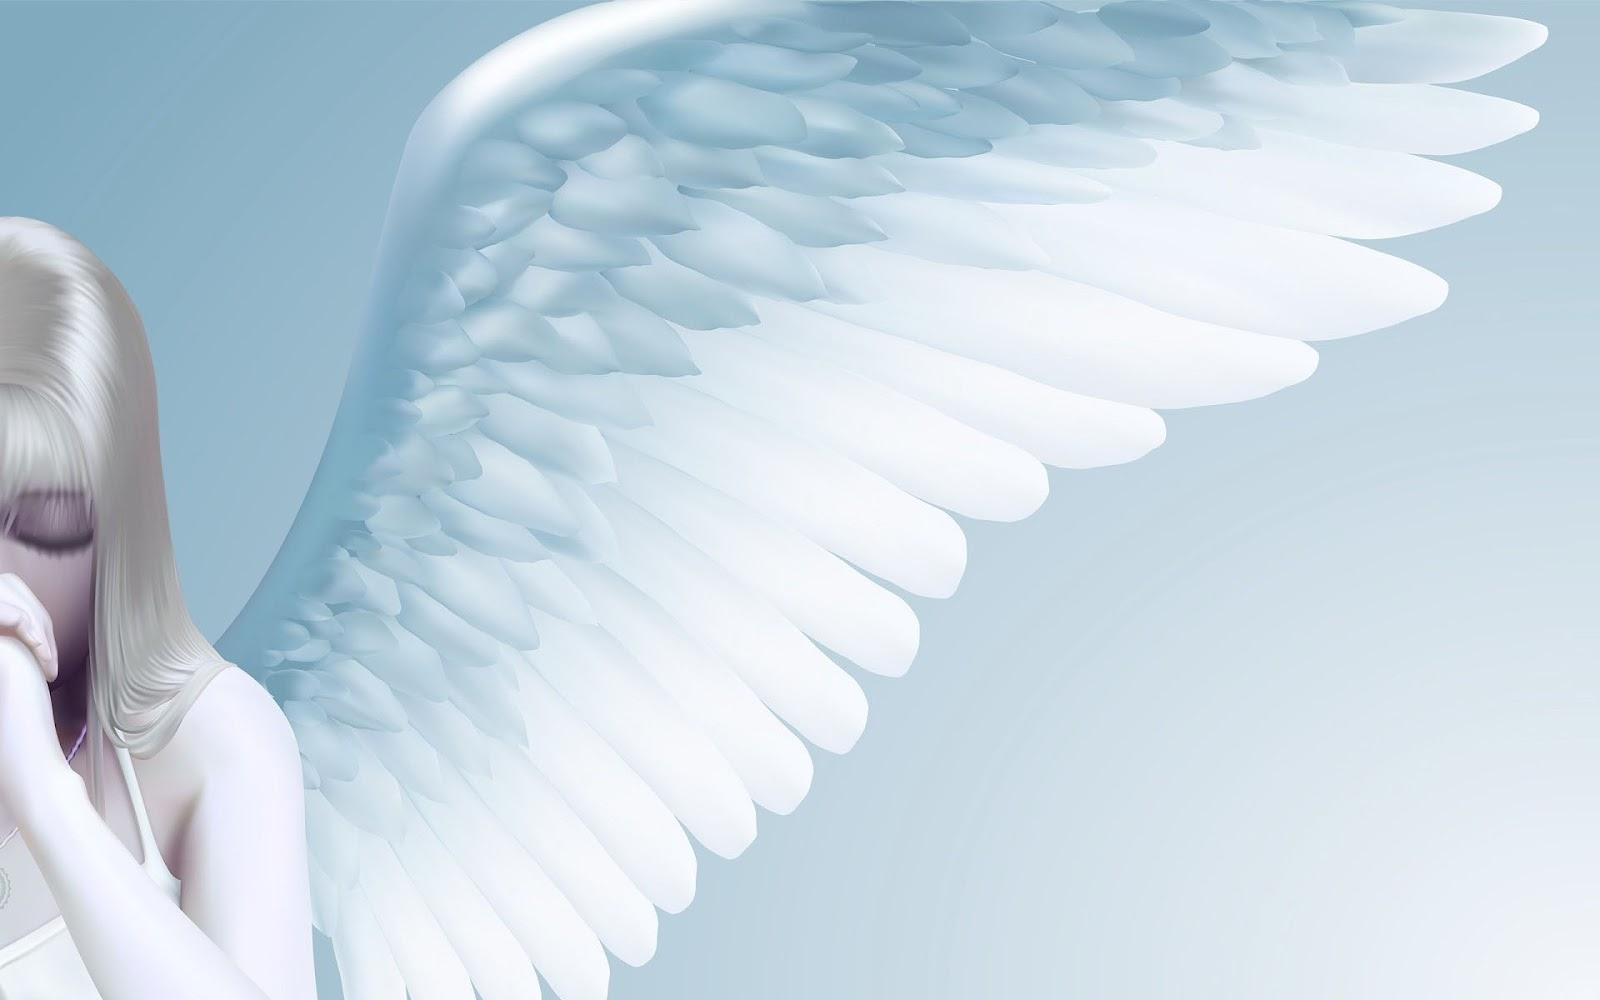 Angel Wallpaper and Screensavers - WallpaperSafari